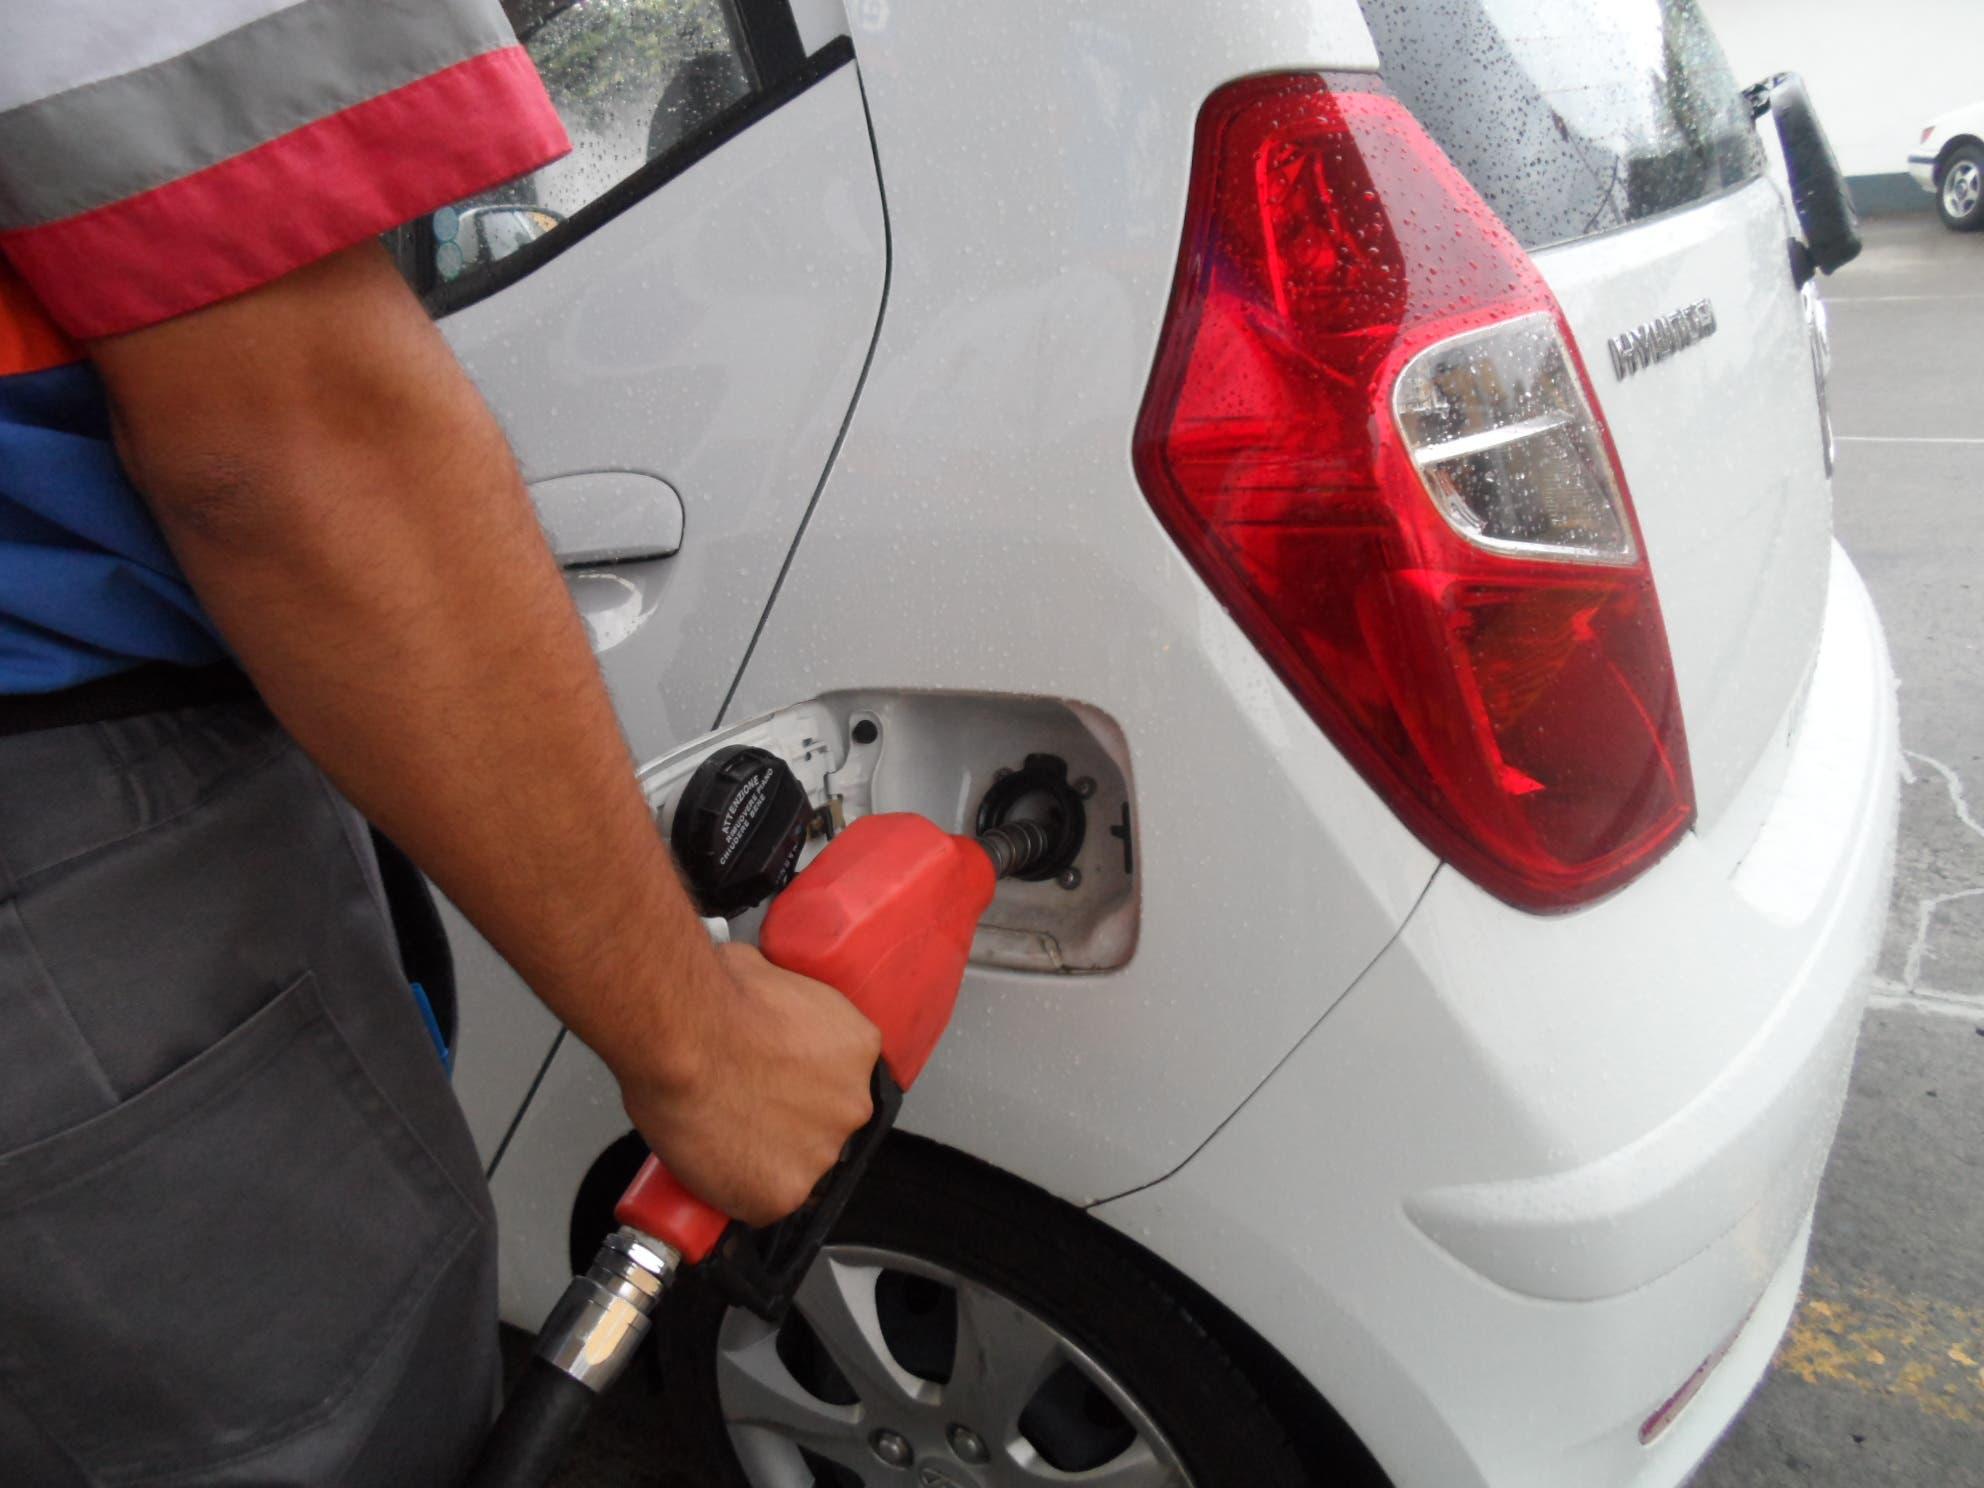 Gasolinas suben  RD$3.00 y los demás combustibles quedan congelados